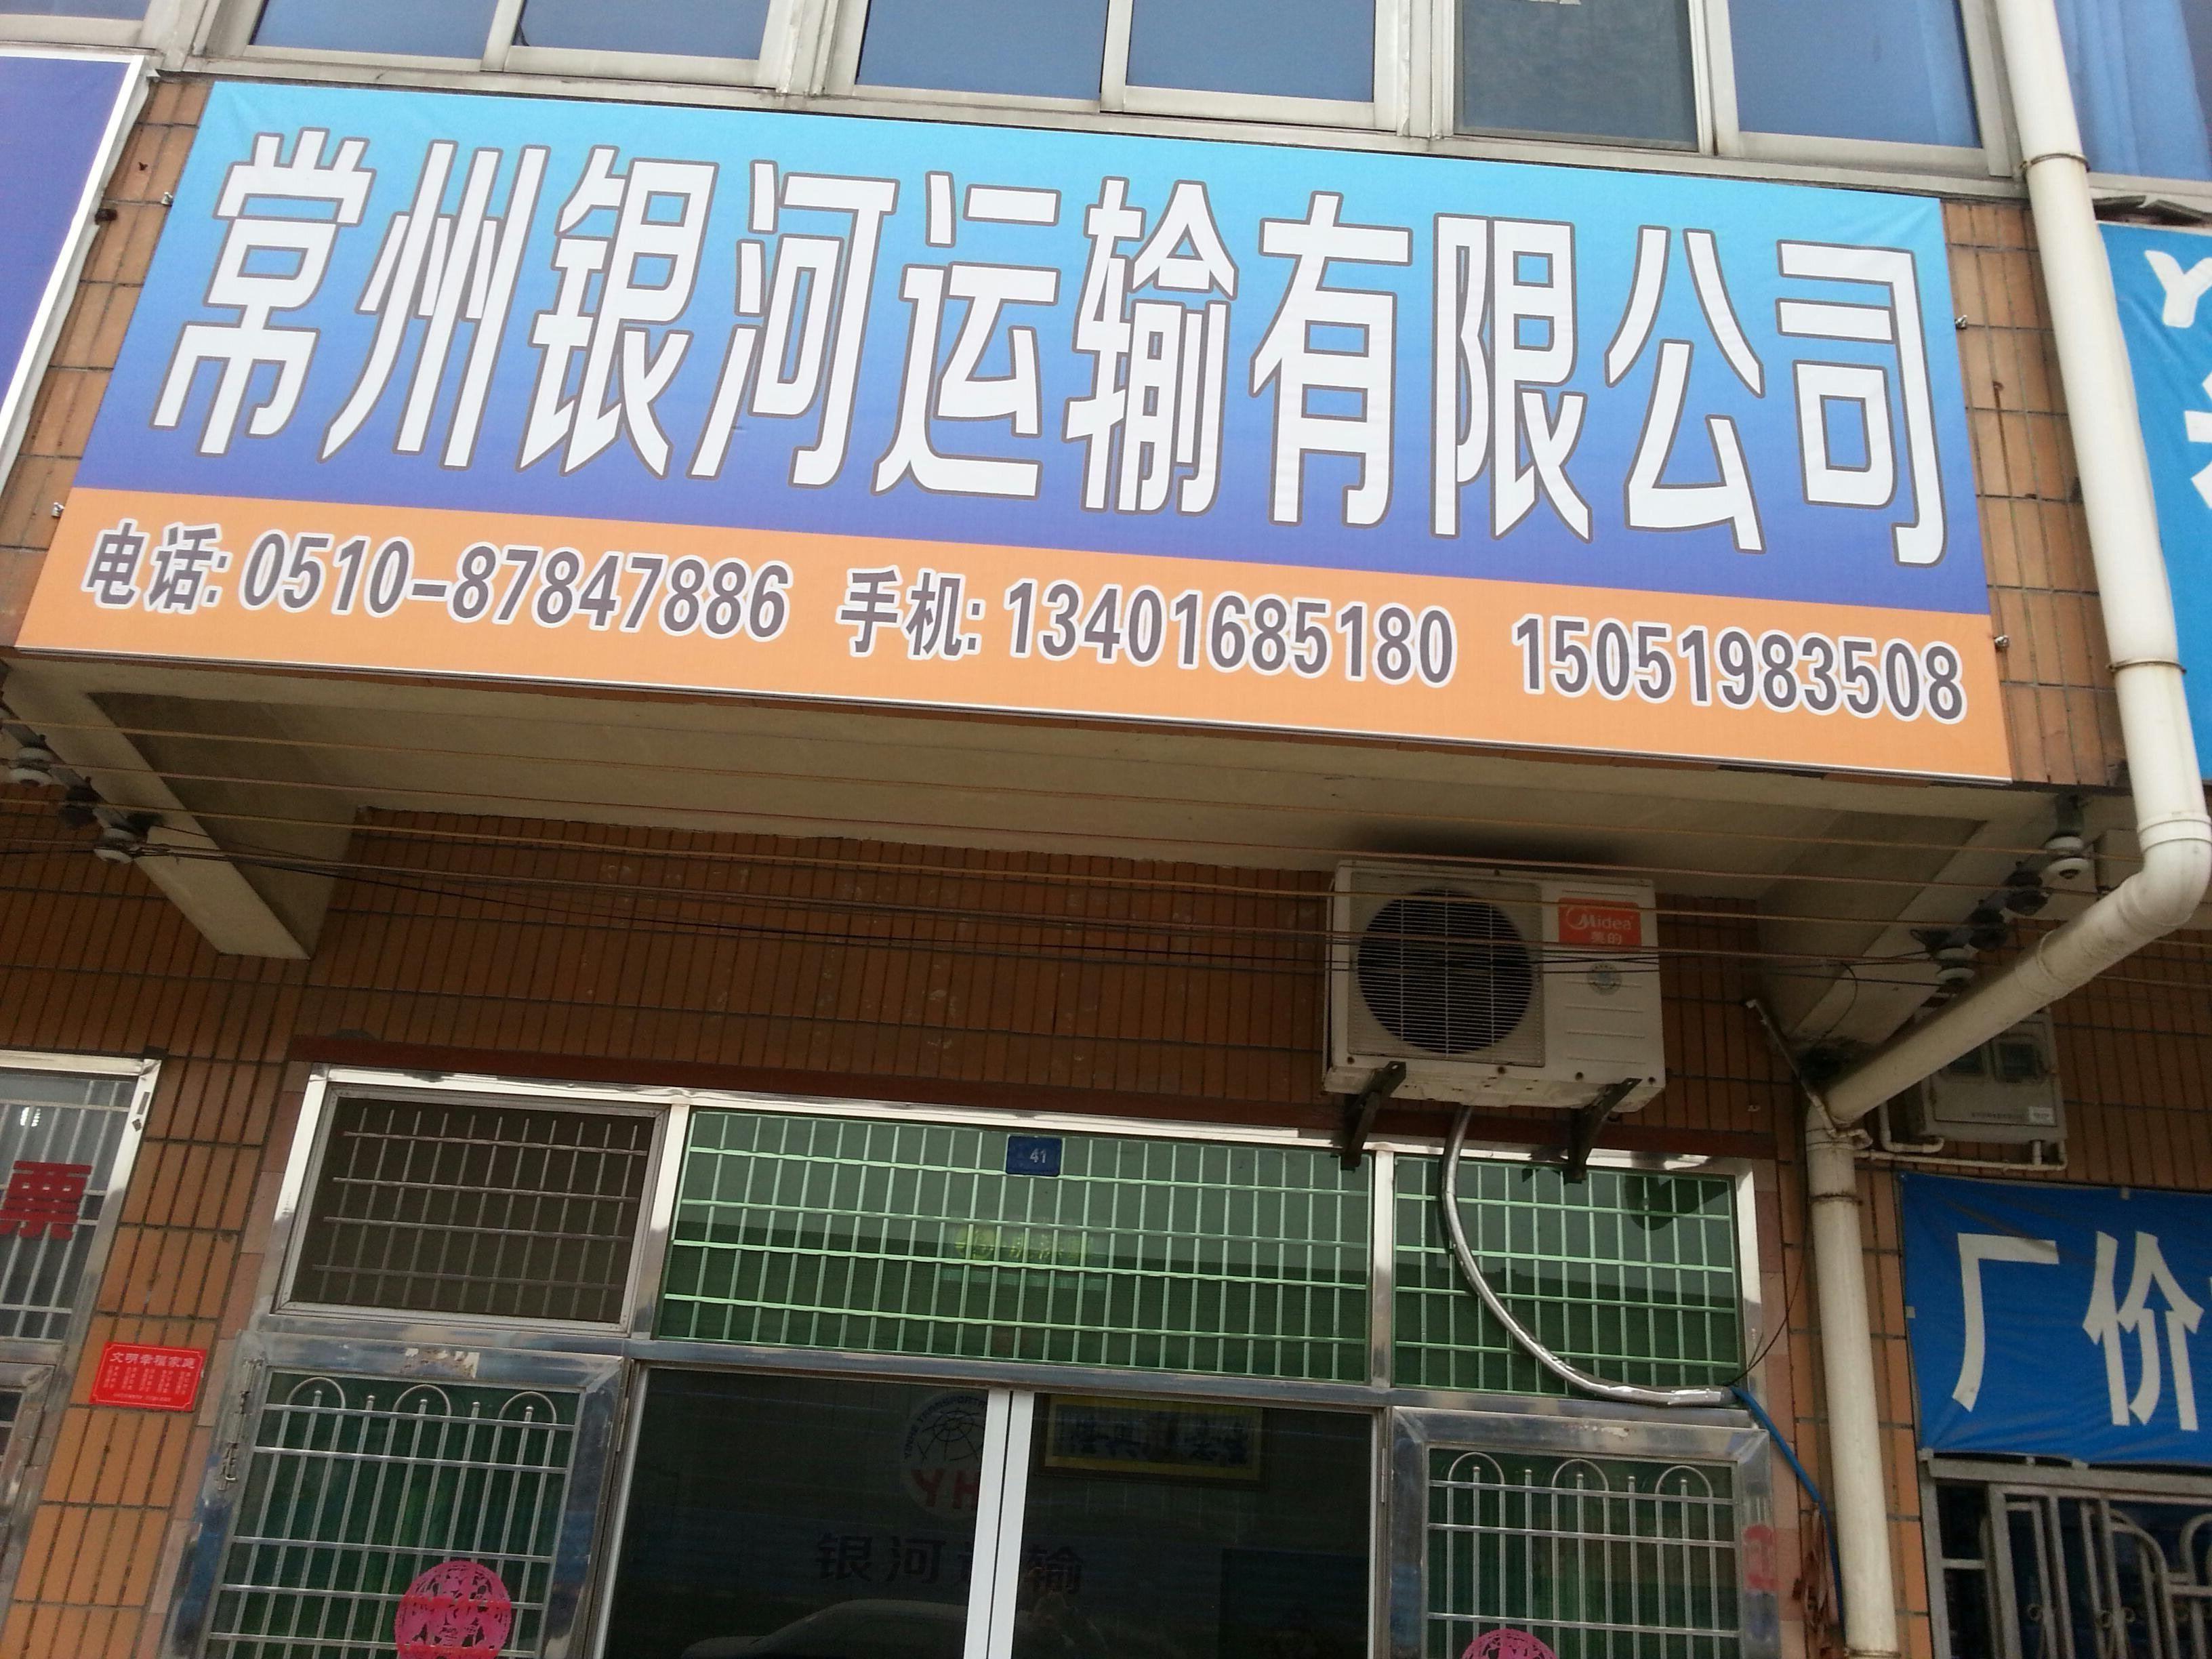 常州到上海物流专线(江苏银河运输有限公司)